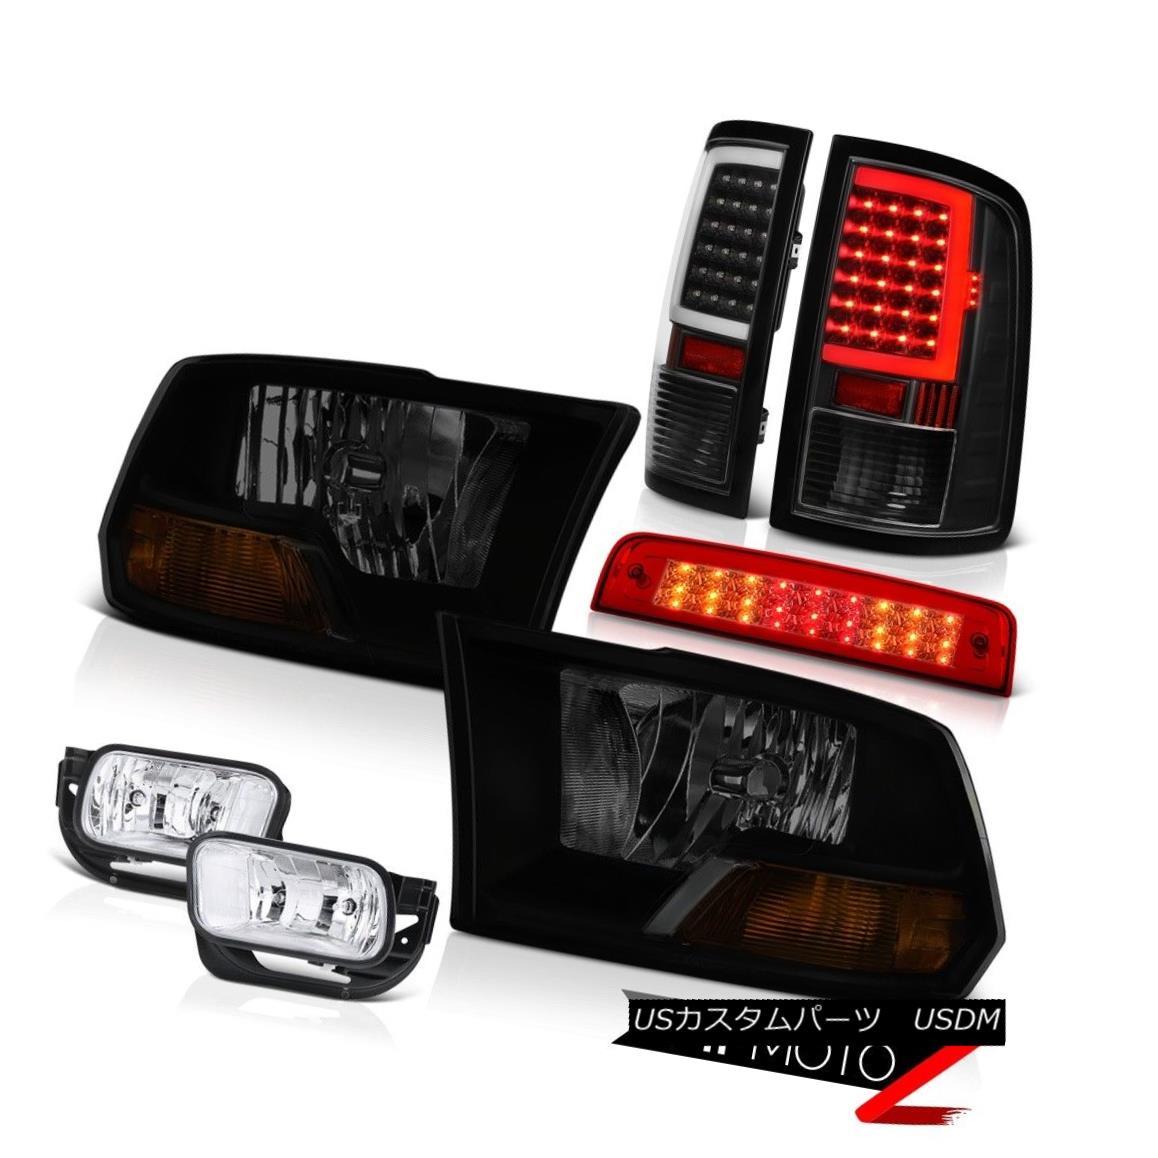 テールライト 2009-2013 Dodge RAM 1500 Tail Lamps Brake Lights Fog Factory Style Headlamp SET 2009-2013ダッジRAM 1500テールランプブレーキライトフォグ工場スタイルヘッドランプSET